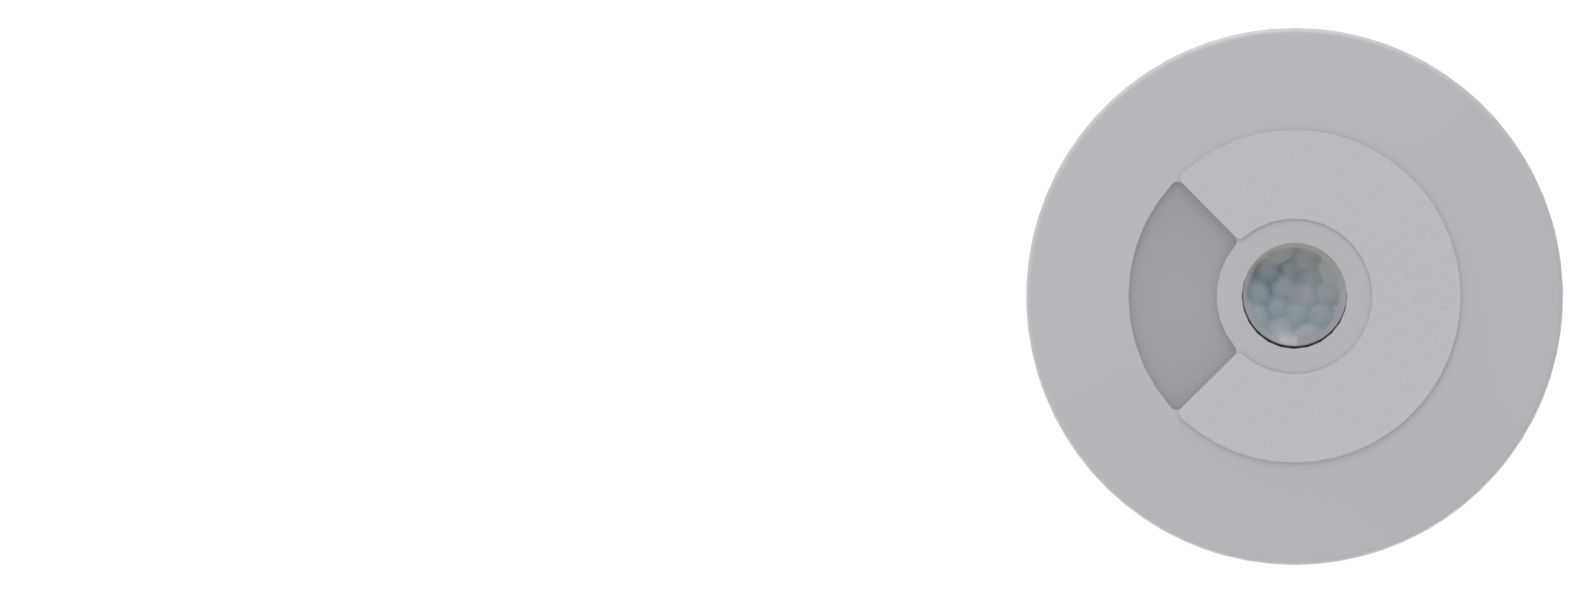 Faradite 0-10-V-Bewegungsmelder und Helligkeitssensor Vorderseite